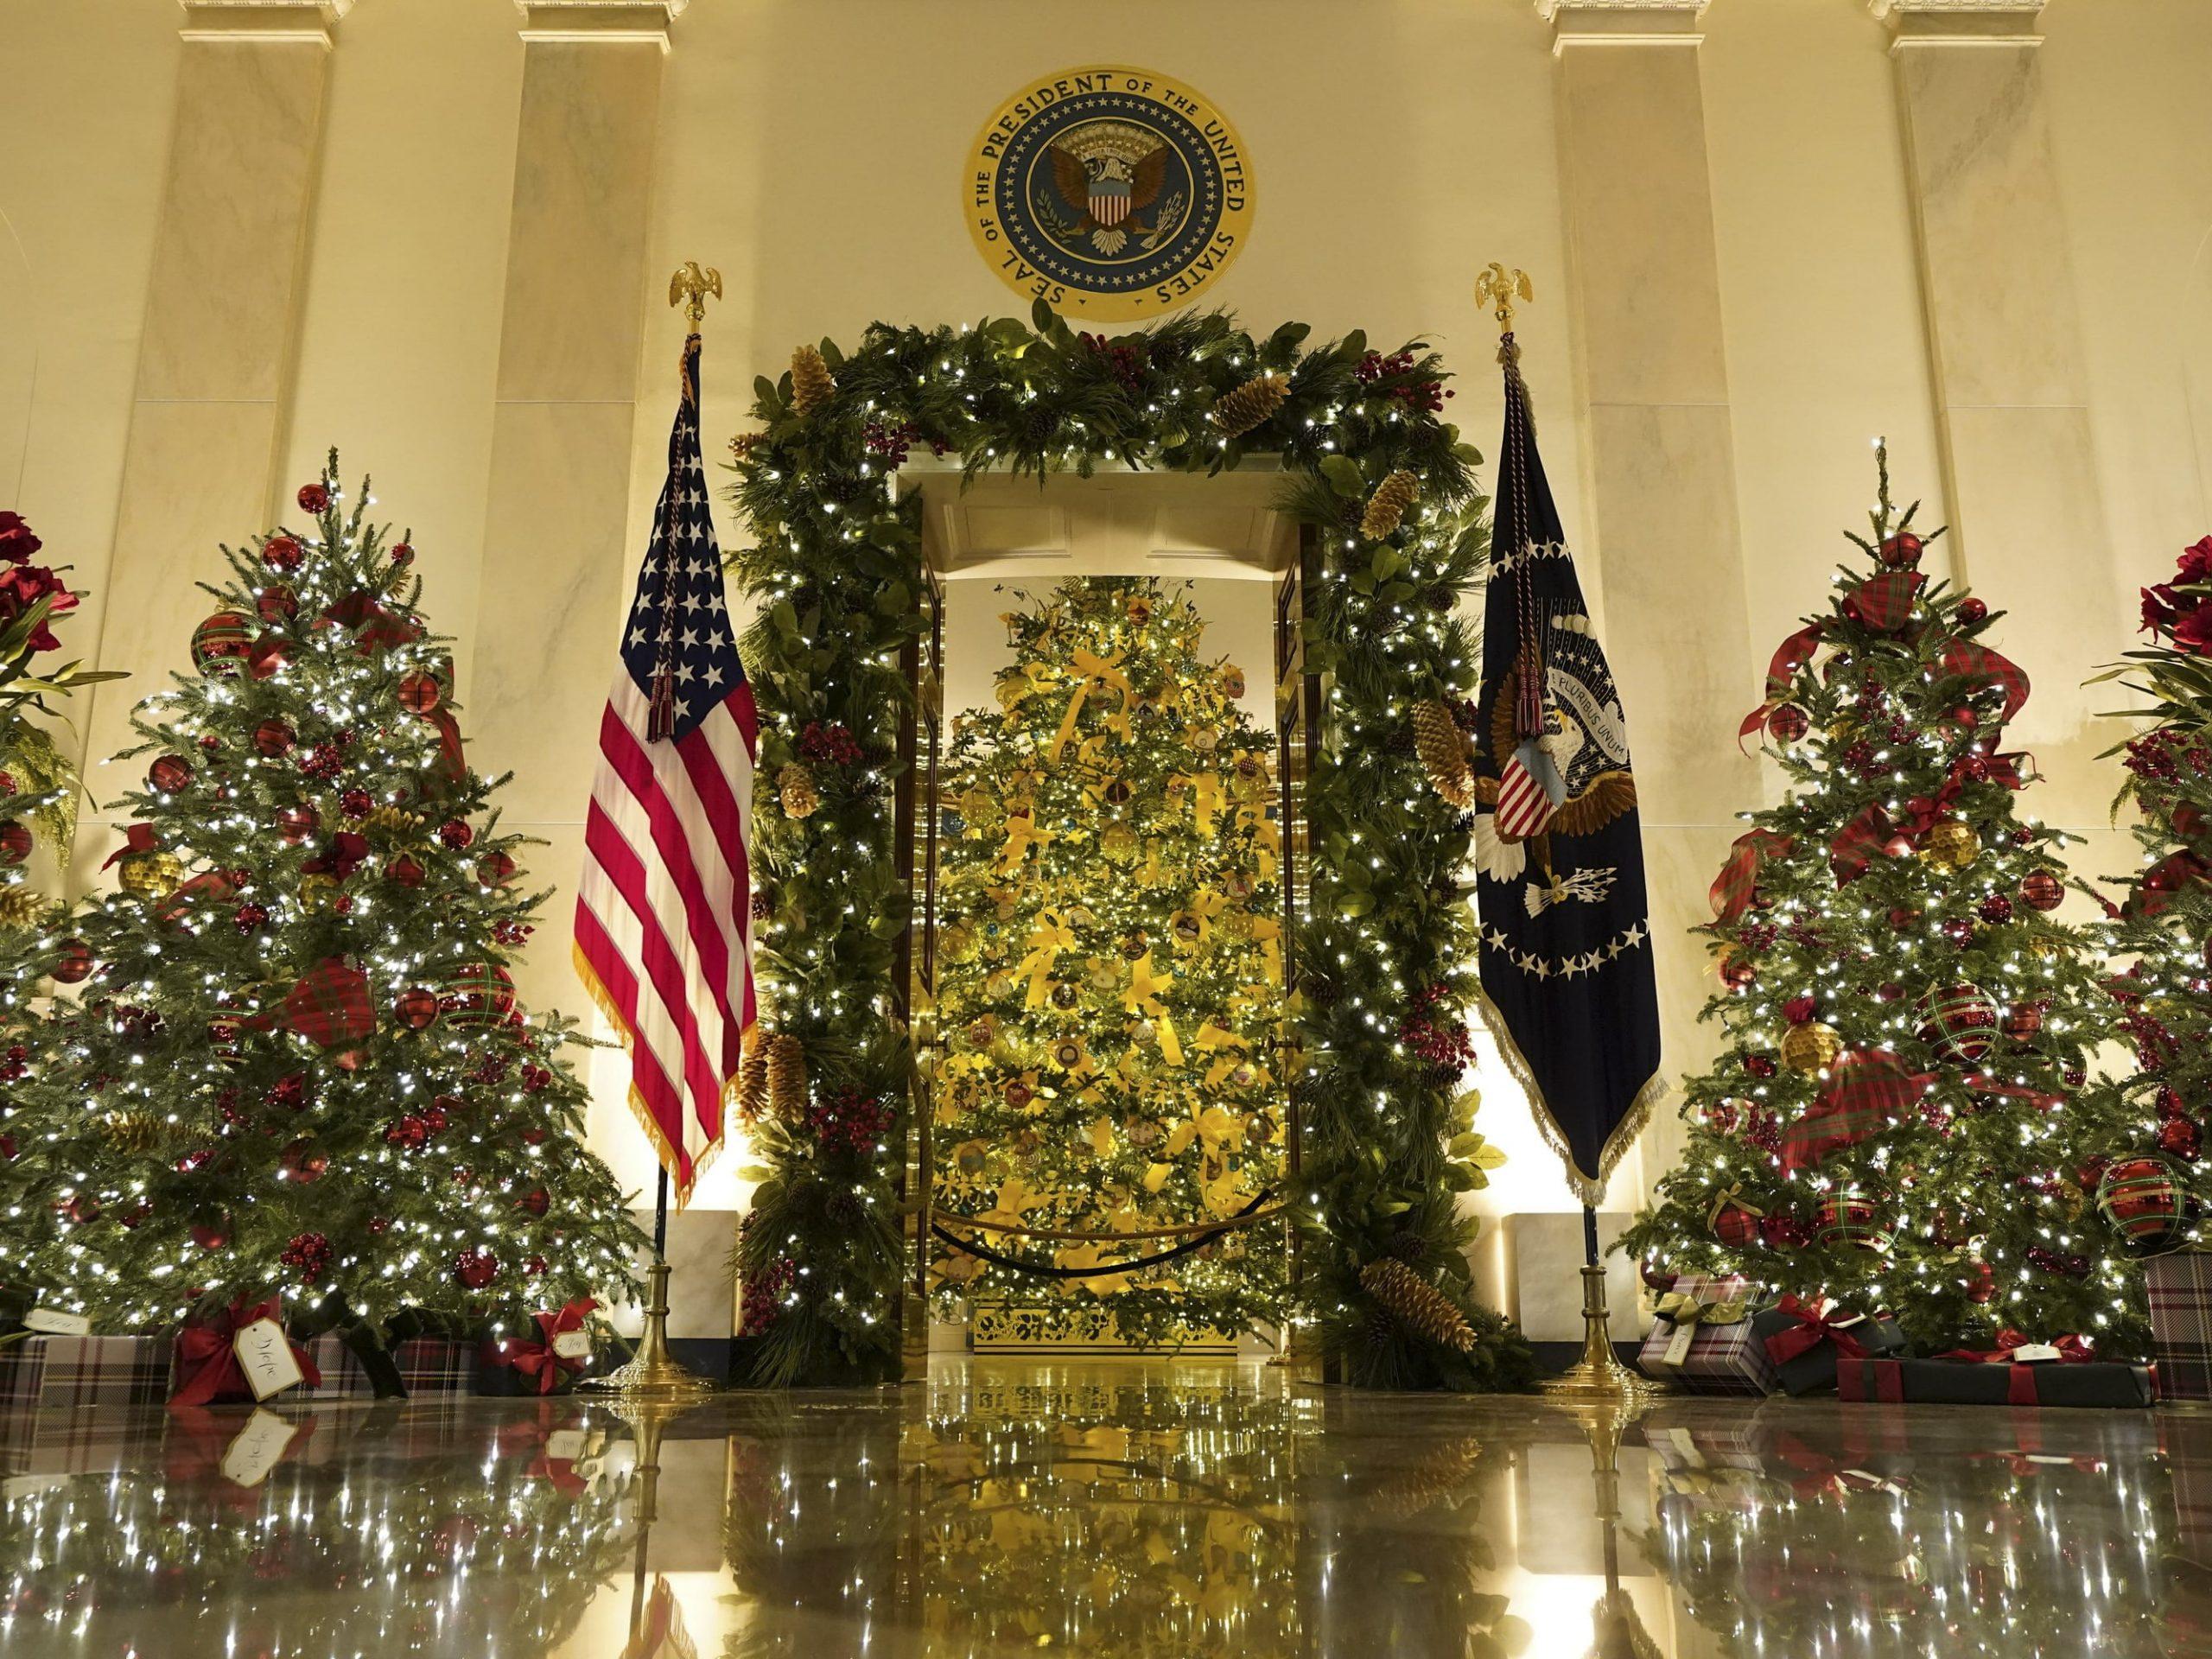 Nhà Trắng trang trí Giáng sinh ở sảnh lớn